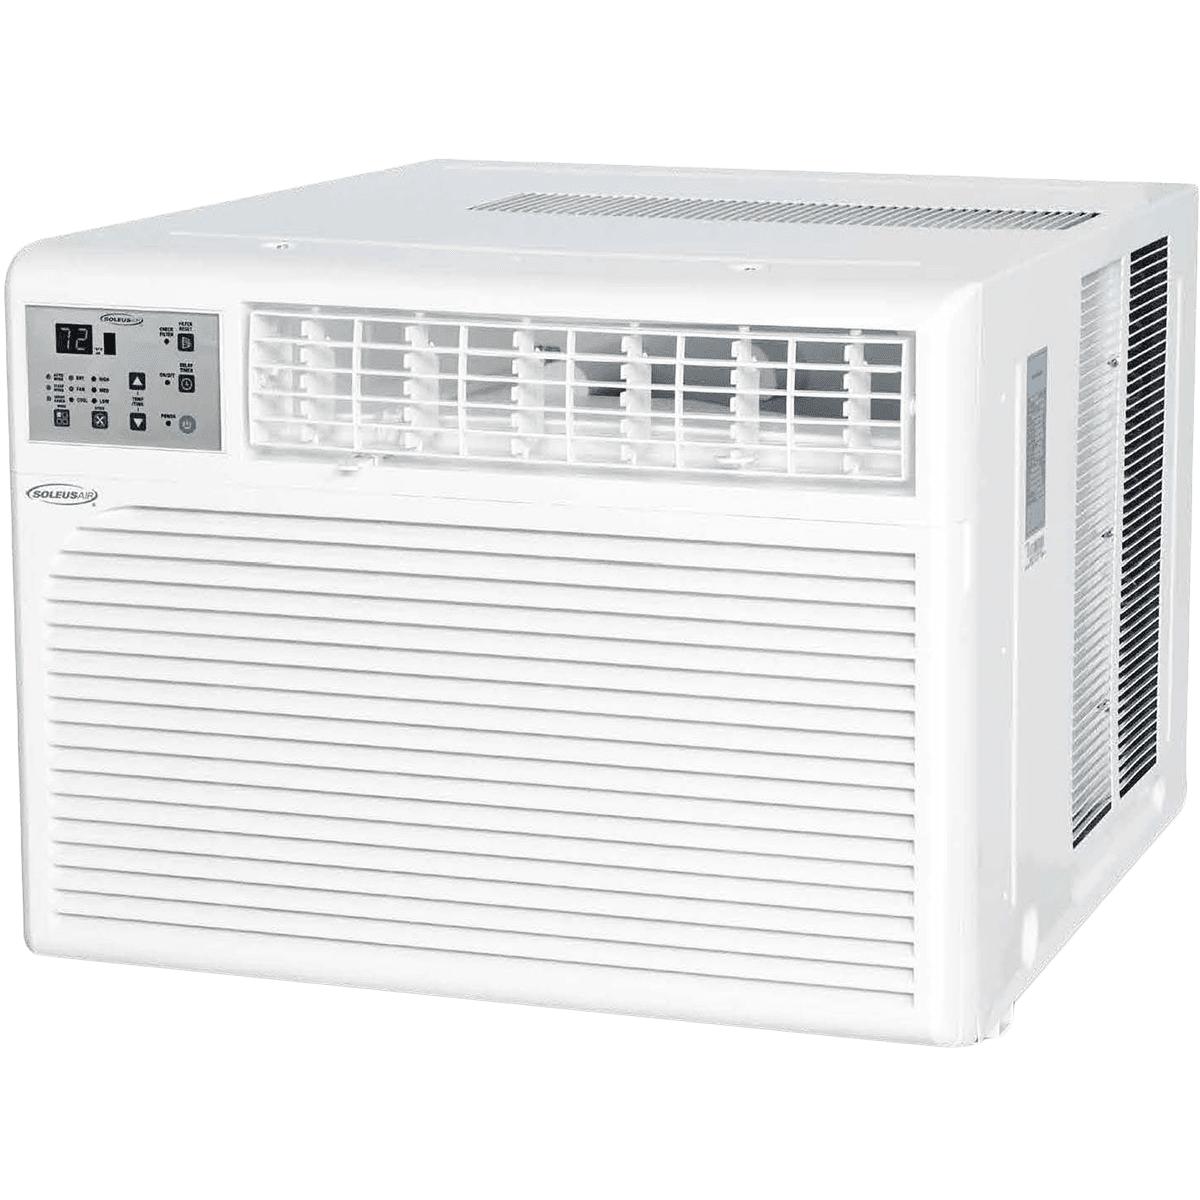 Soleus Air 24,700 BTU Window Air Conditioner WS-24E-01